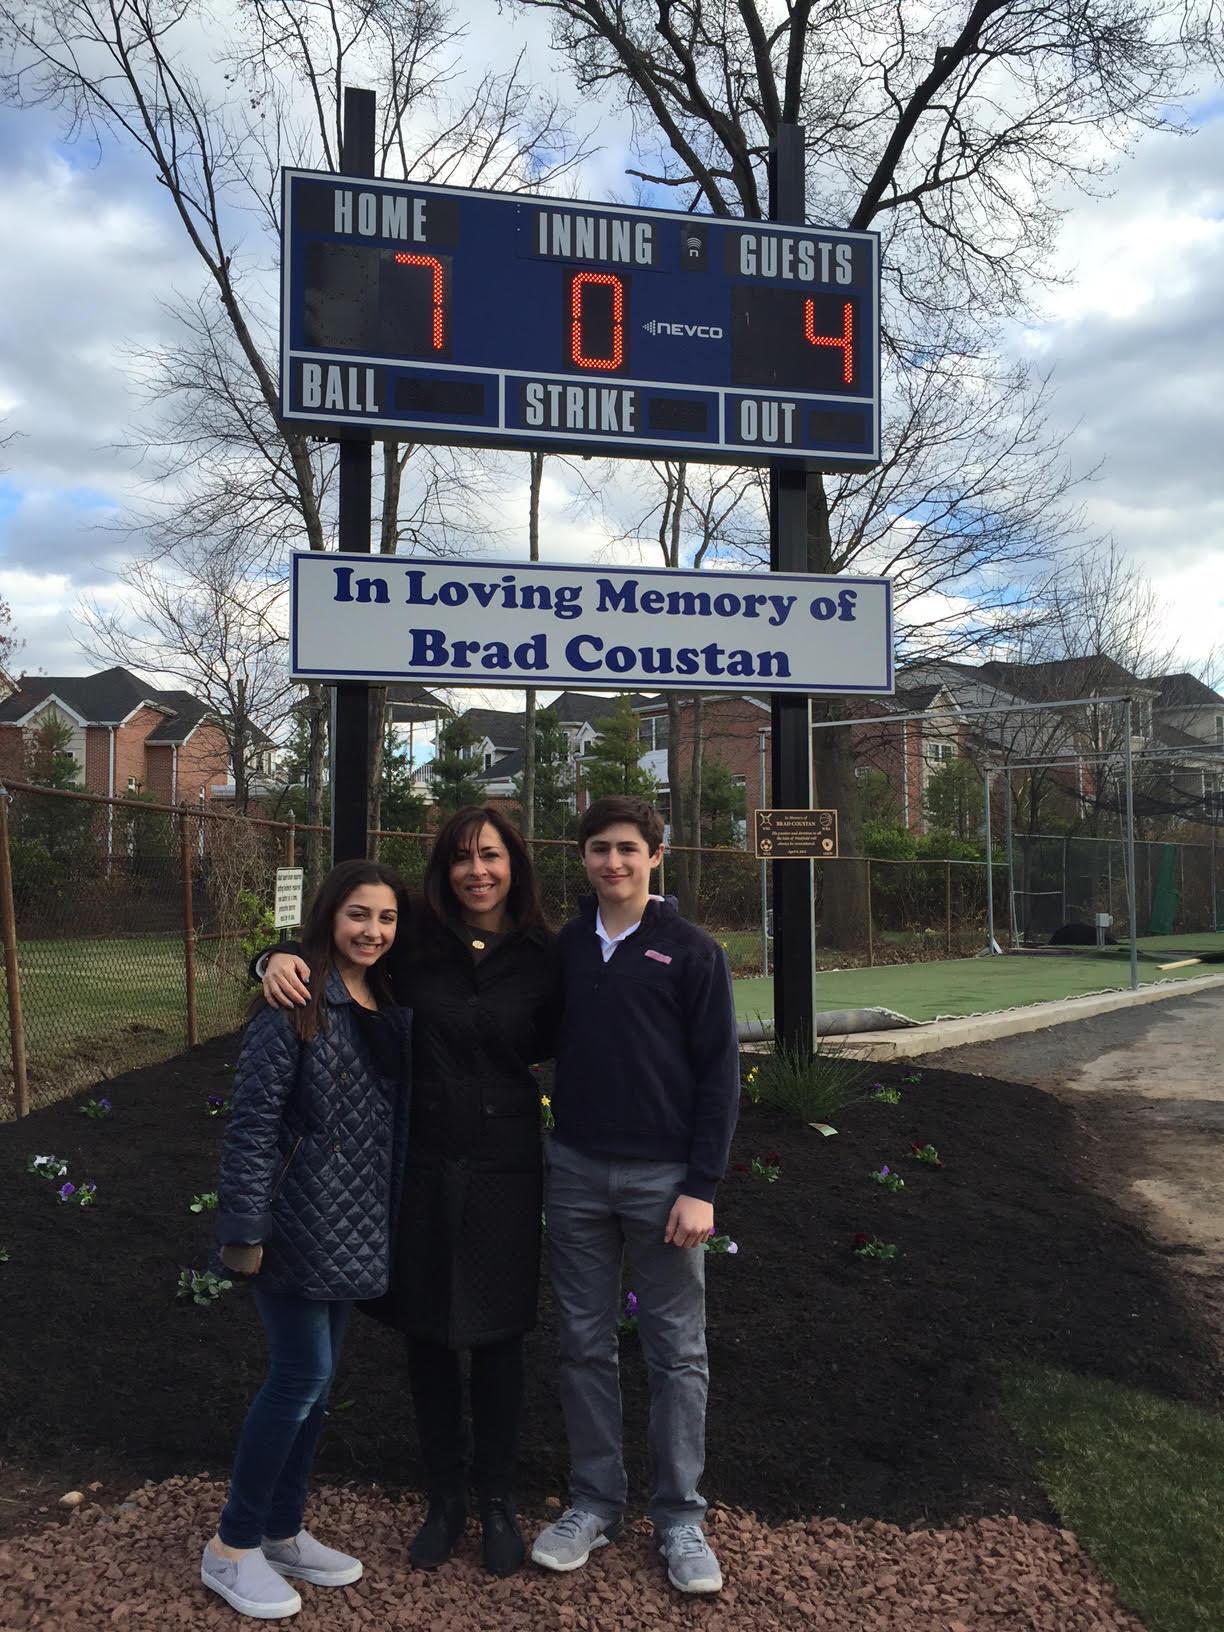 Westfield Baseball Dedicates Gumbert Field Scoreboard to Memory of Brad Coustan